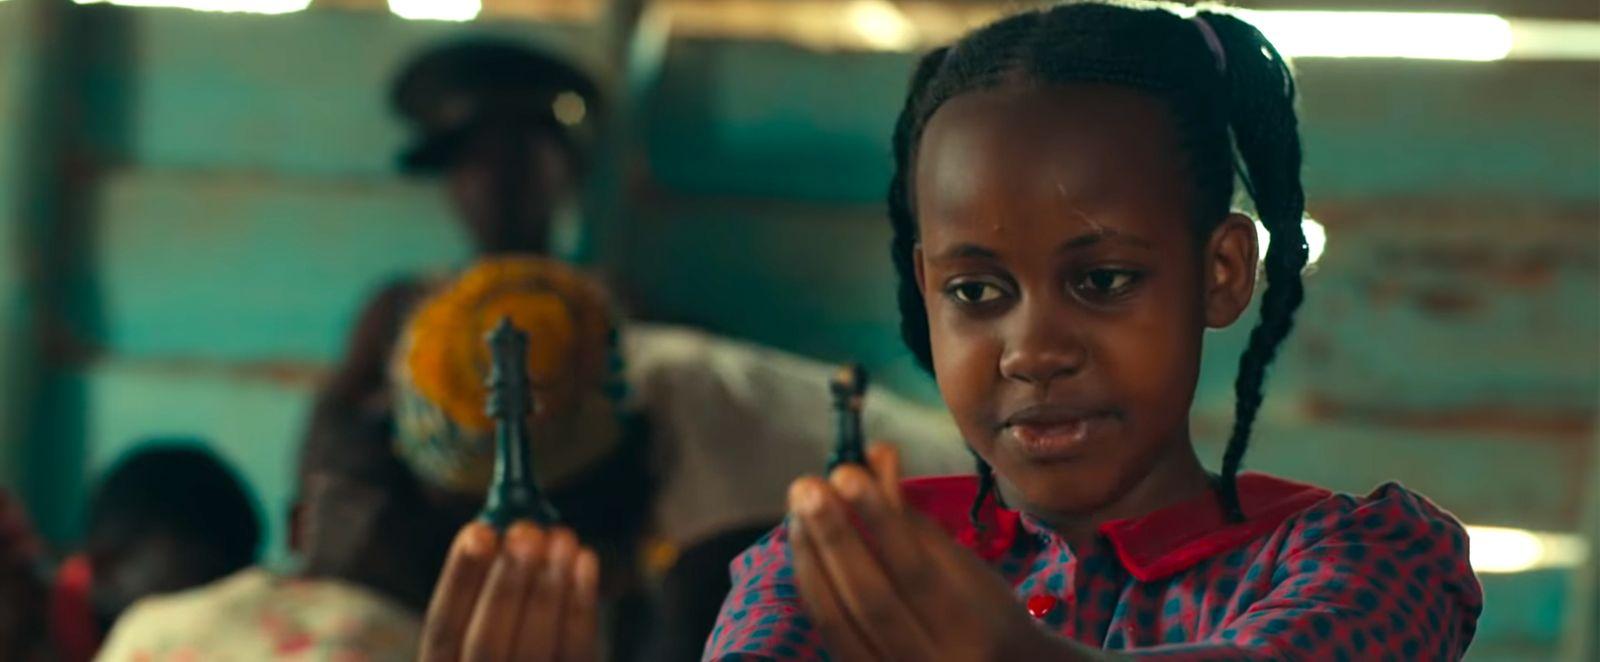 Film/ Queen of Katwe SCREENSHOT